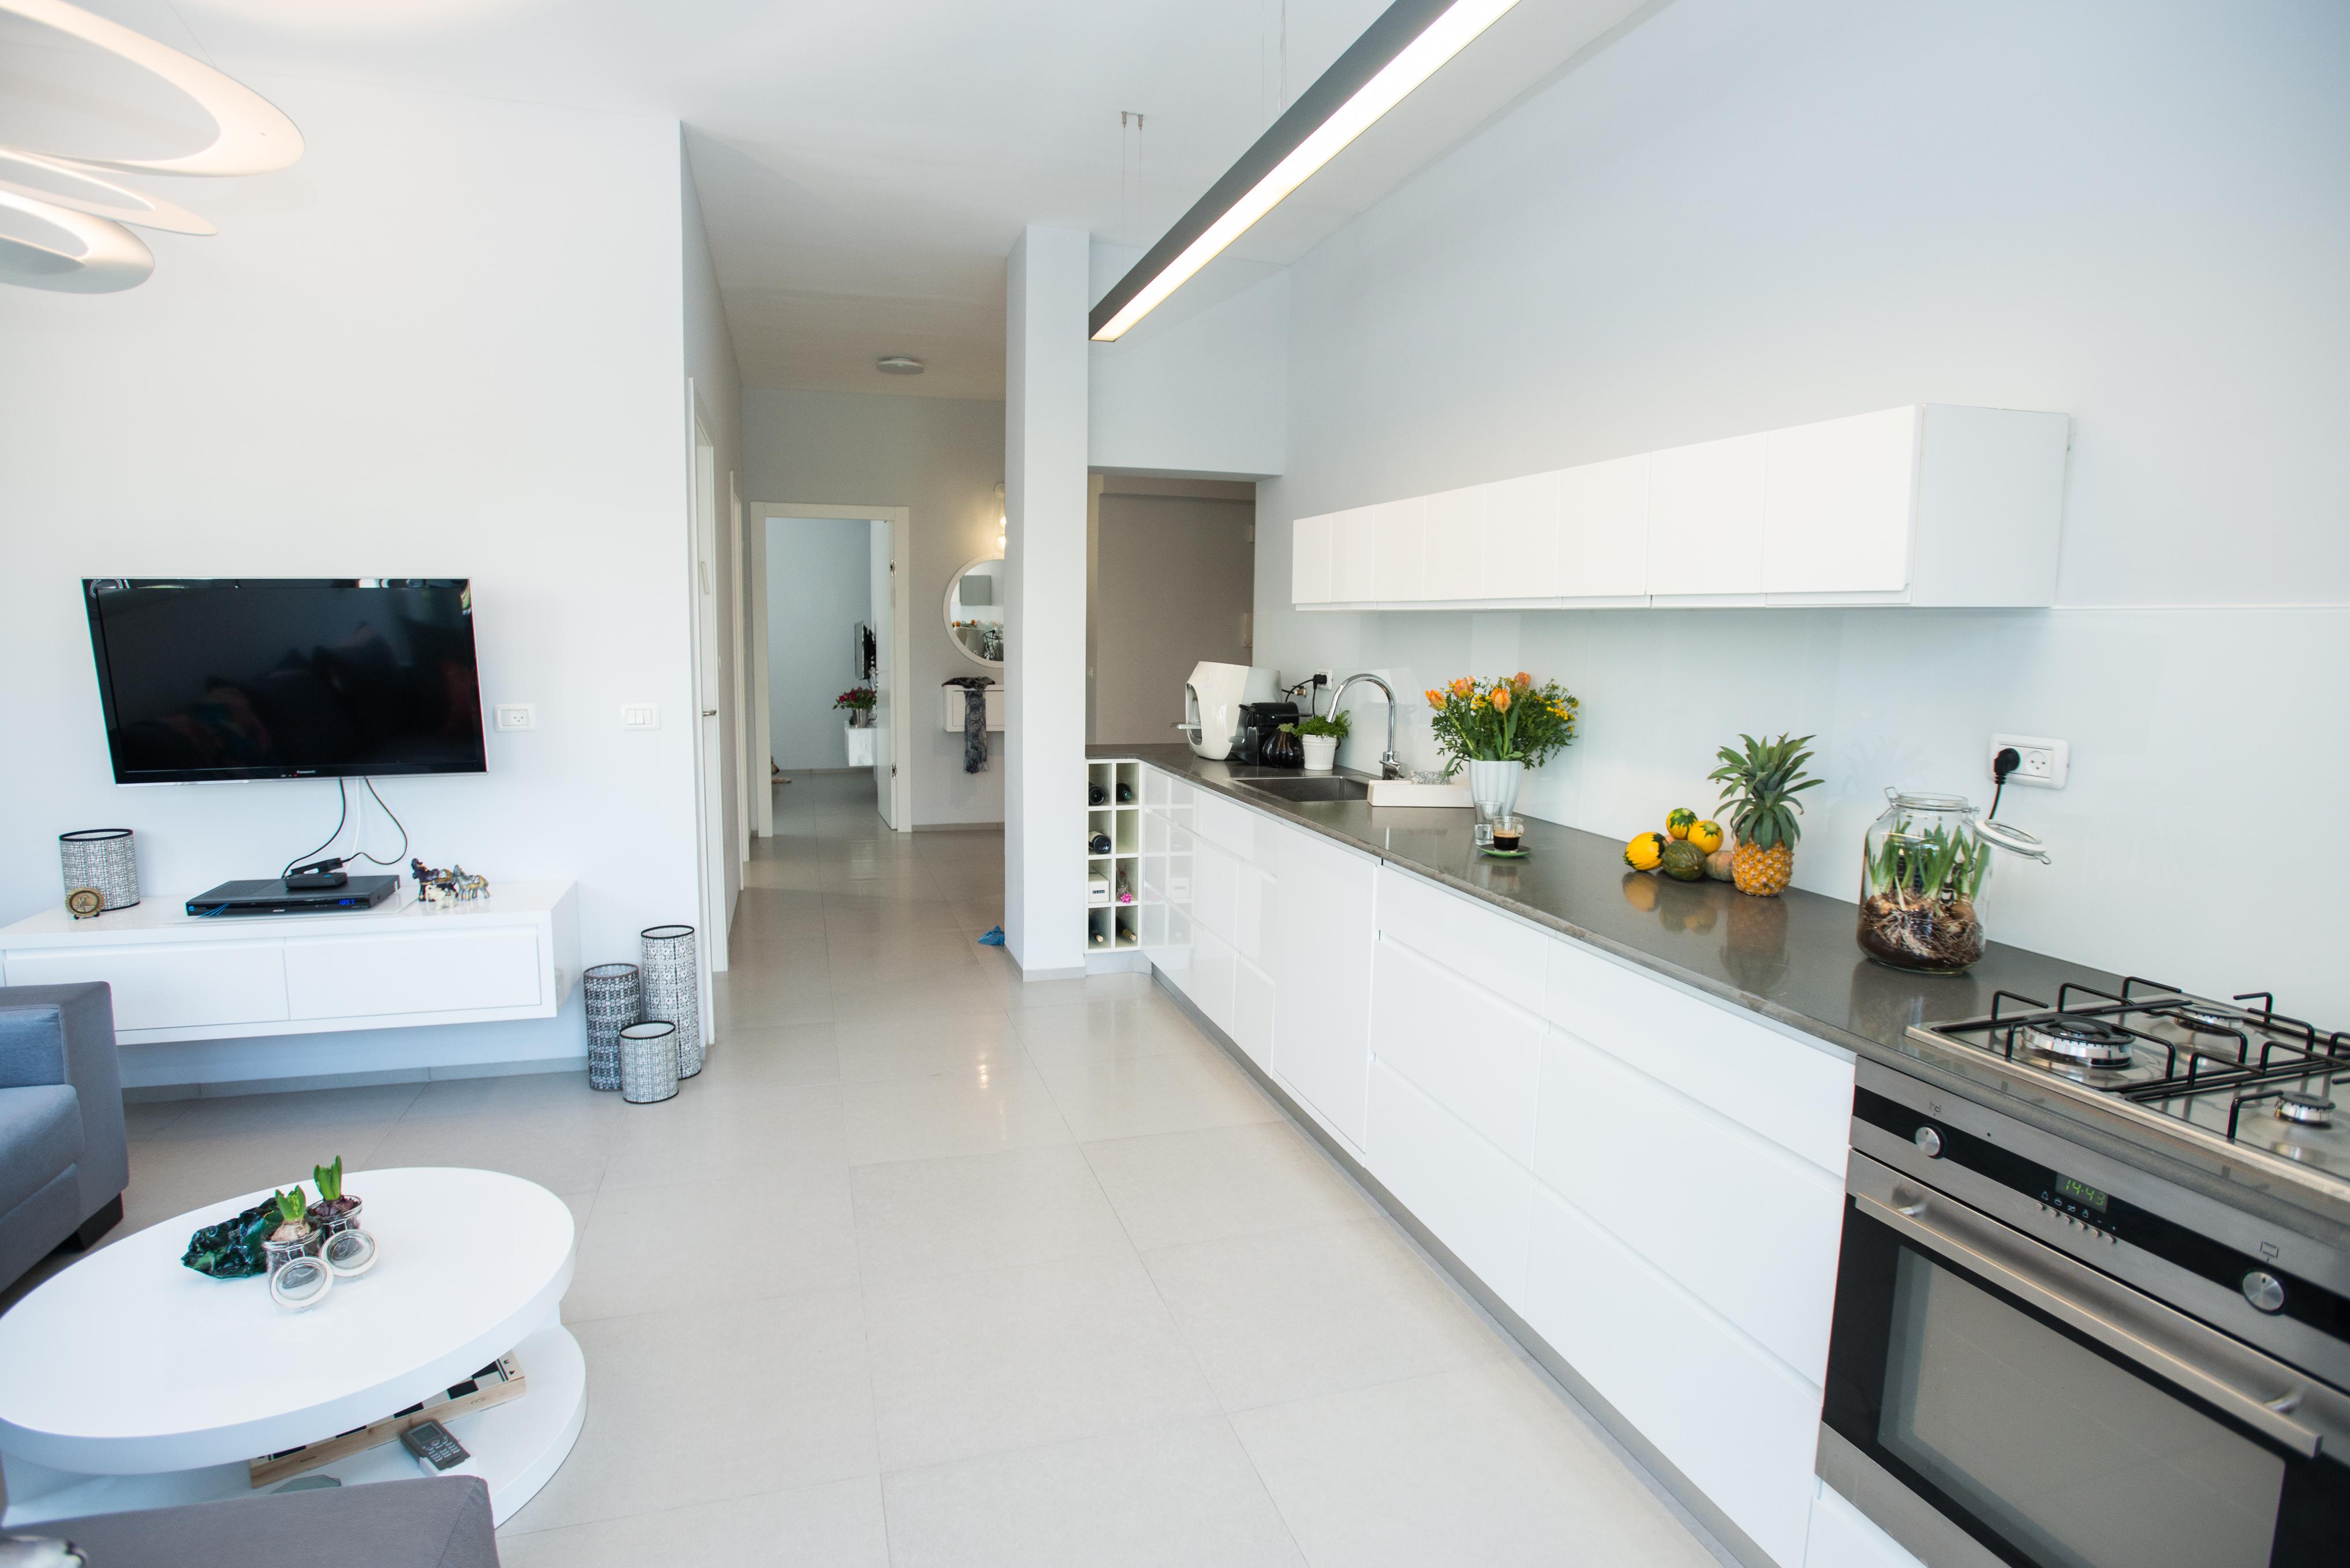 דירה עיצוב פנים עיצוב סלון דירה תל אביב